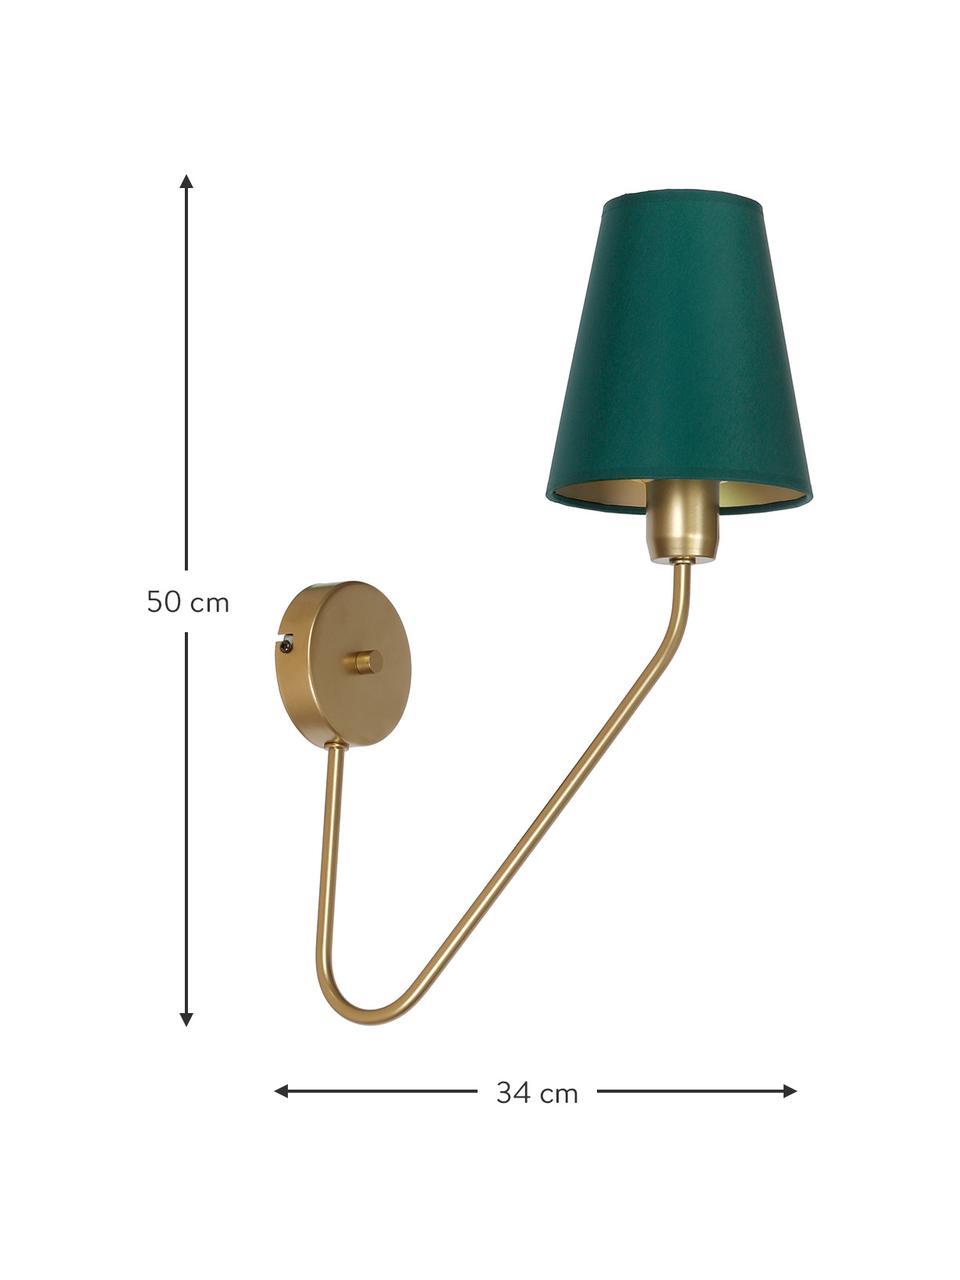 Lampada da parete di design Victoria, Paralume: poliestere cotone, Verde, dorato, Larg. 15 x Alt. 50 cm